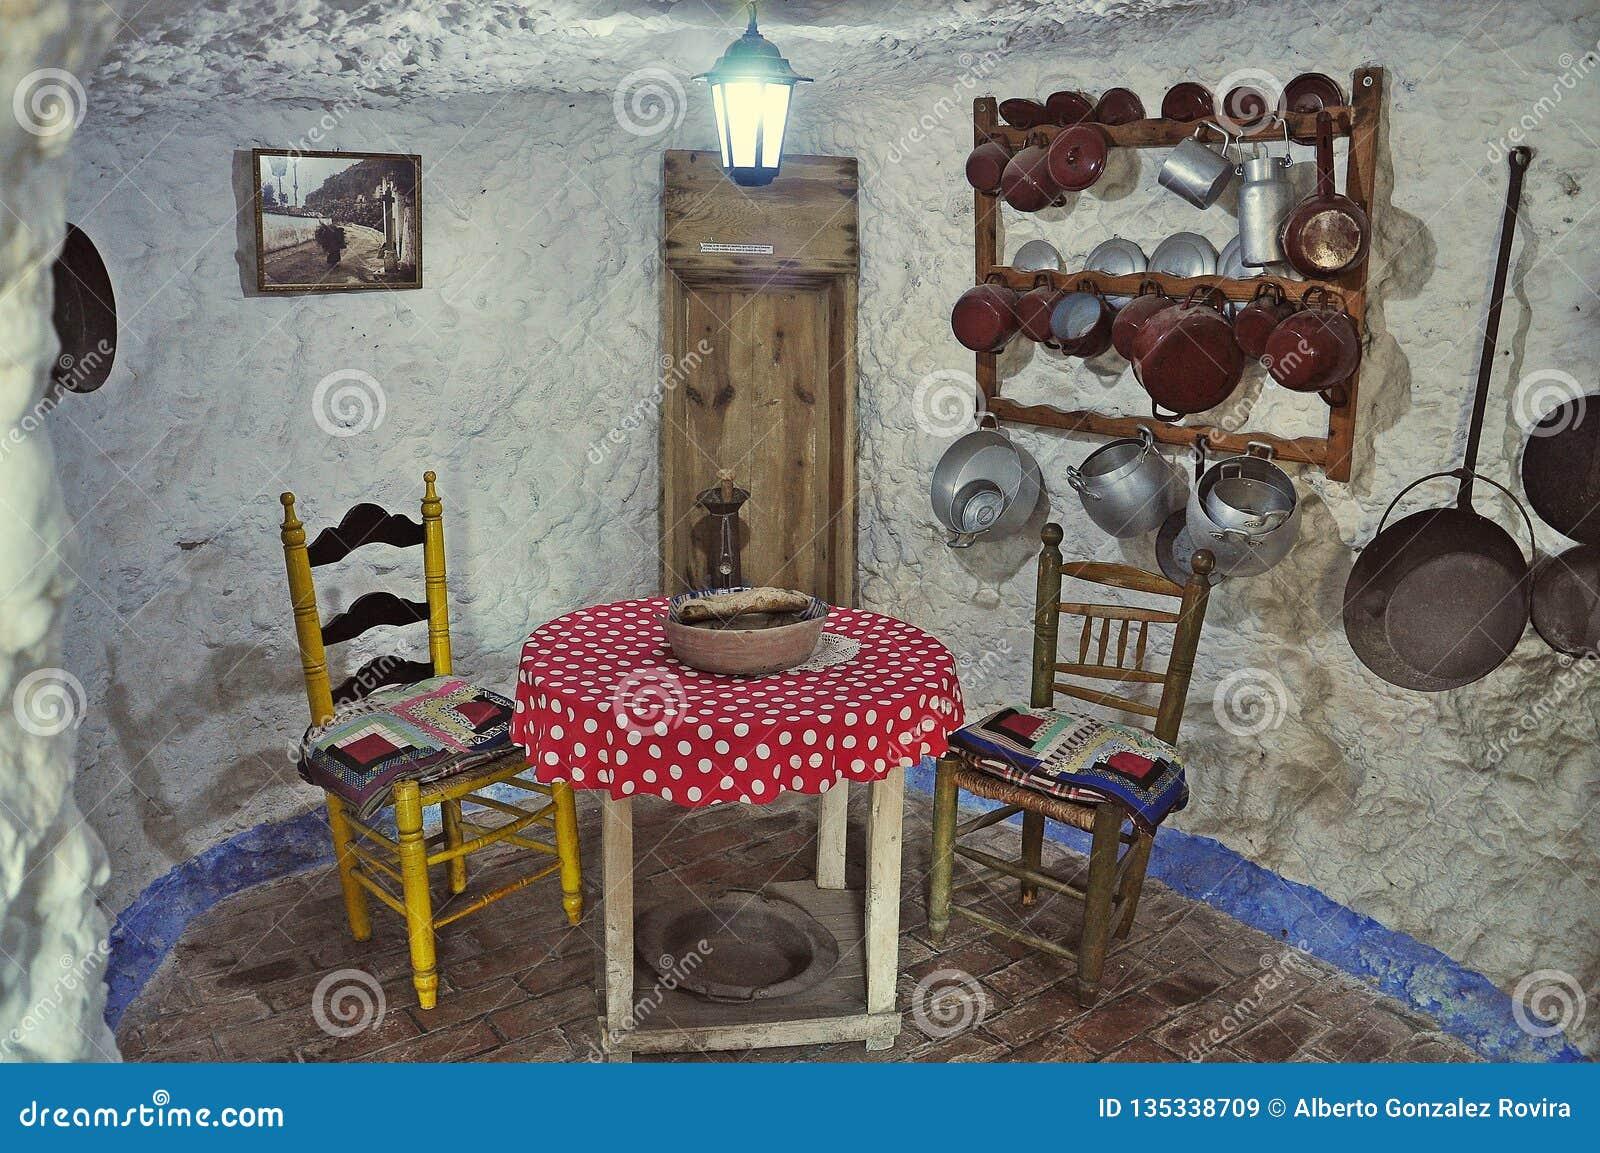 Museum Caves Sacromonte Of Granada Editorial Stock Image